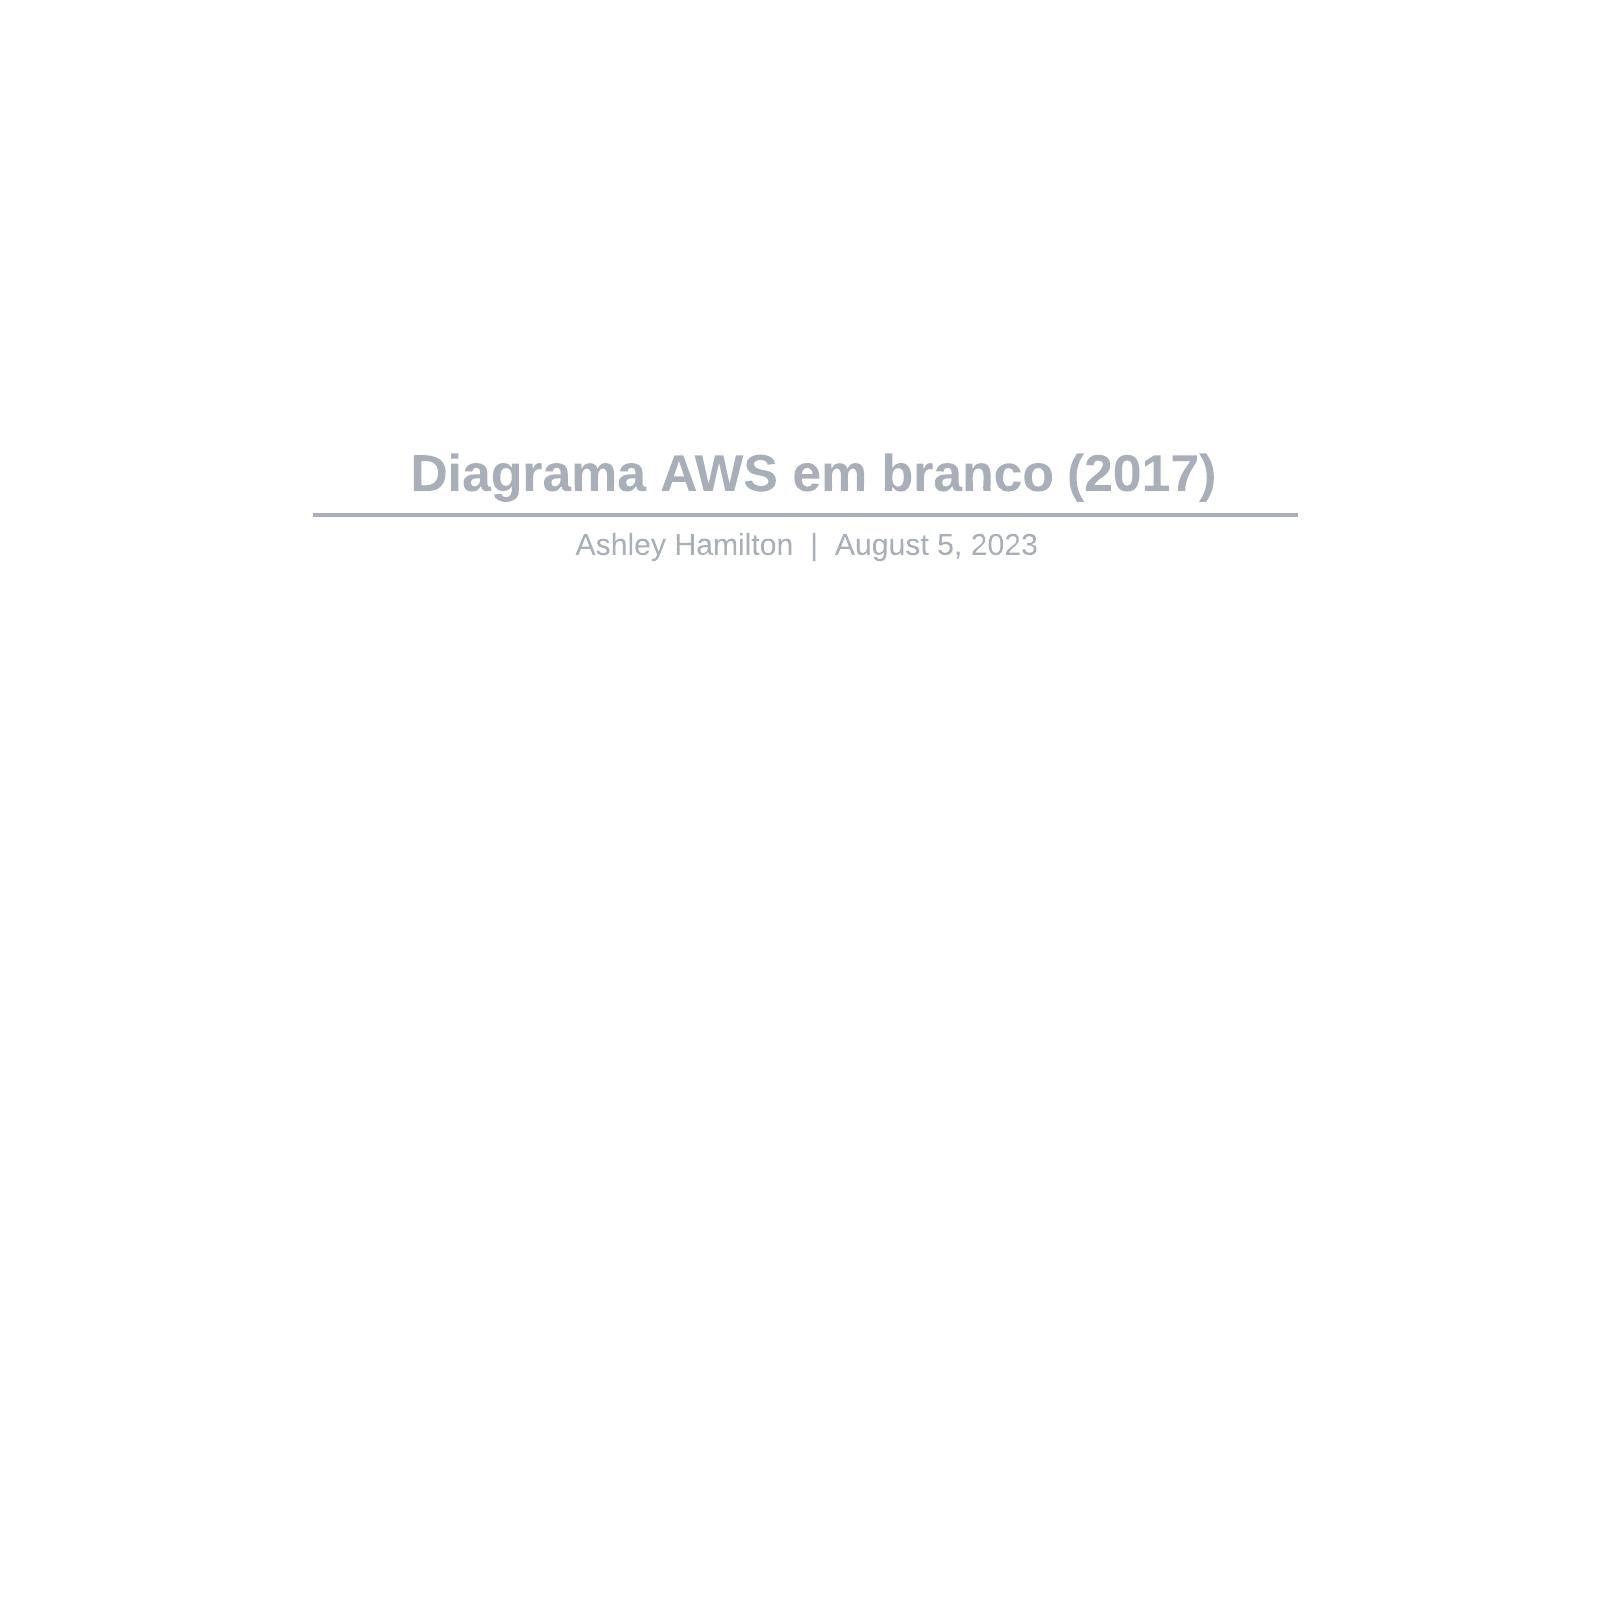 Diagrama AWS em branco (2017)